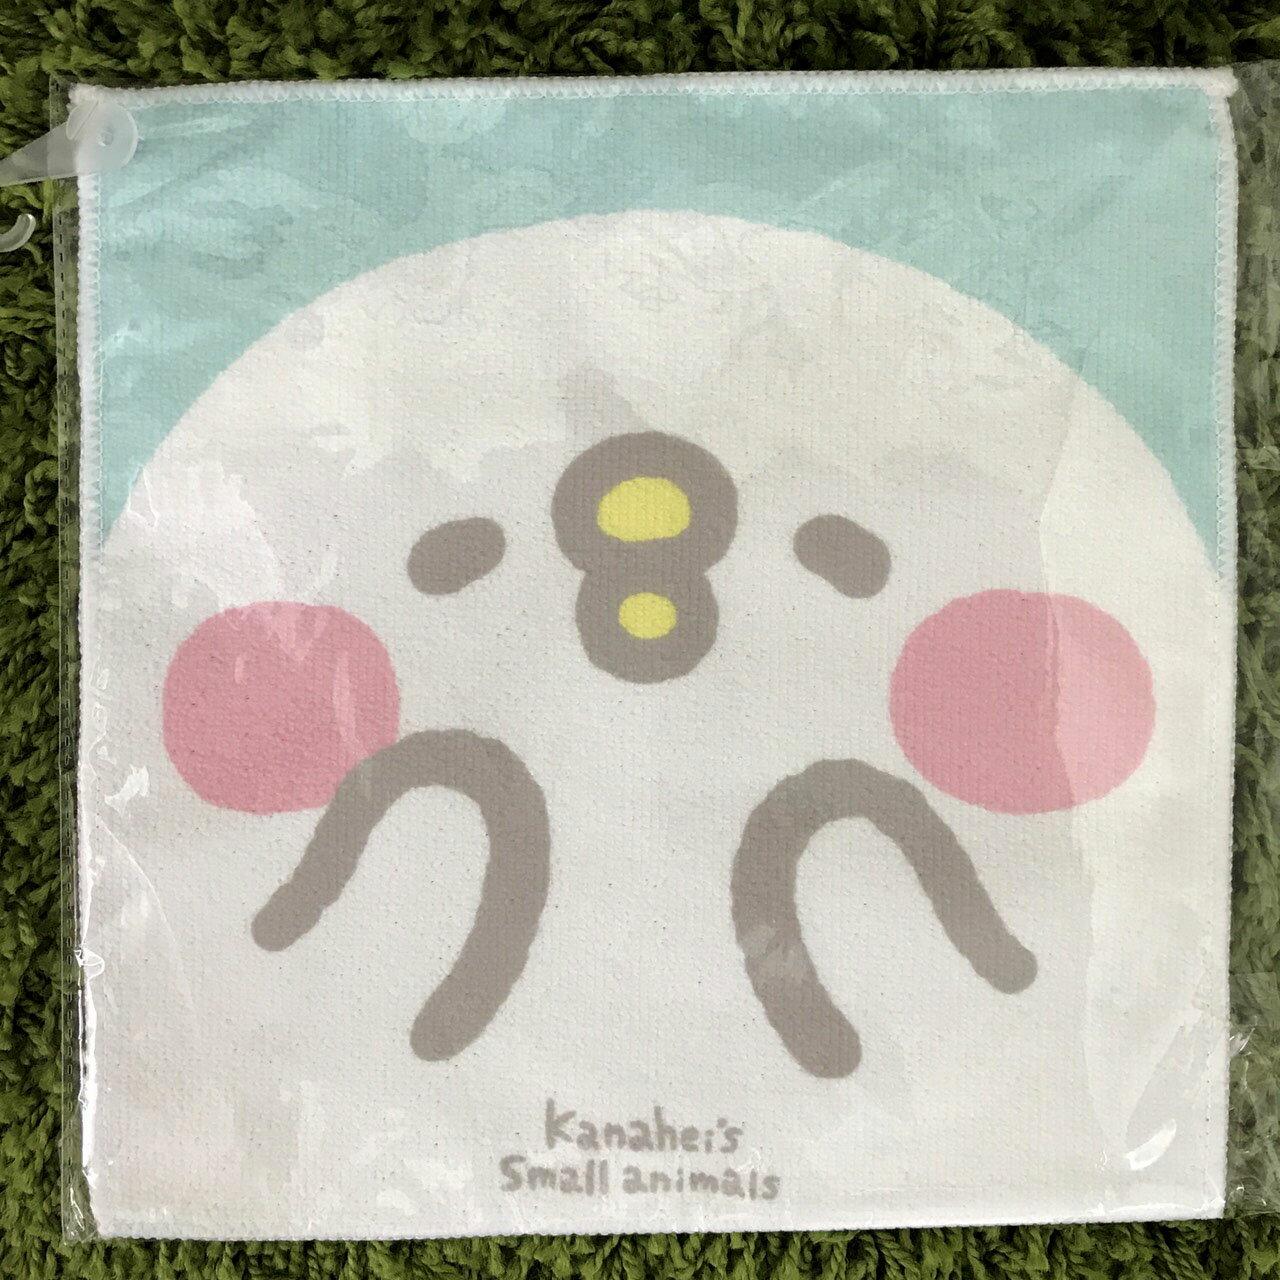 【真愛日本】17110600002 小方巾25*25cm-卡娜赫拉P助new 卡娜赫拉的小動物 兔兔 P助 日用品 小毛巾 擦拭巾